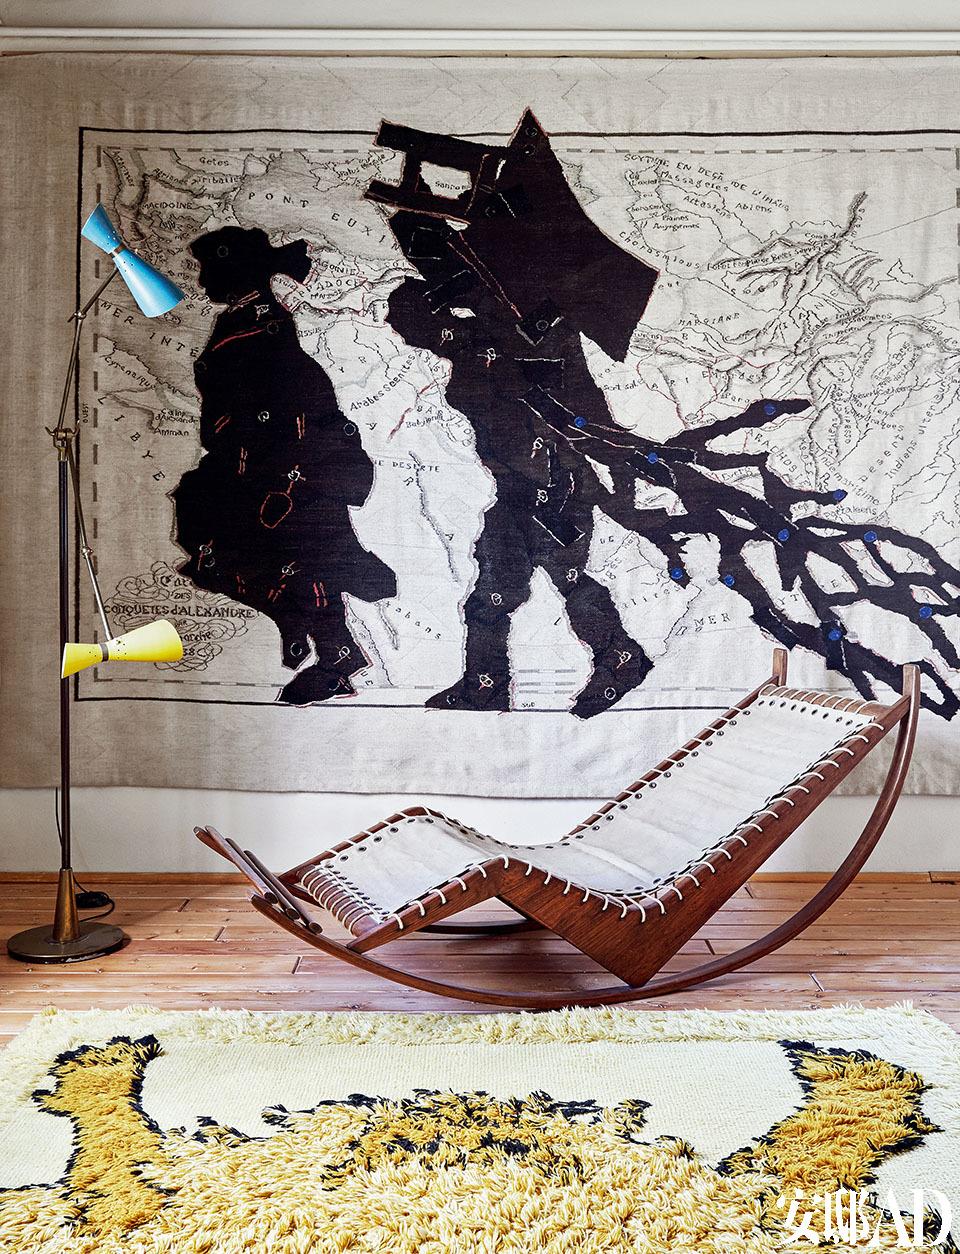 """躺椅的线条与细节,与墙 上的画作有着不谋而合的默契。在主卧房里,摇椅"""" PS16"""" 是Franco Albini 20世纪40年代的设计,用栎木结构和纯棉编织制作而成。南非艺术家William Kentridge的画作Porter Series一侧是20世纪50年代的 Stillnovo落地灯。1970年代的""""Tapizoo"""" 系列地毯是意大利建筑师Roberto Gabetti 和 Aimaro Isola的设计。"""